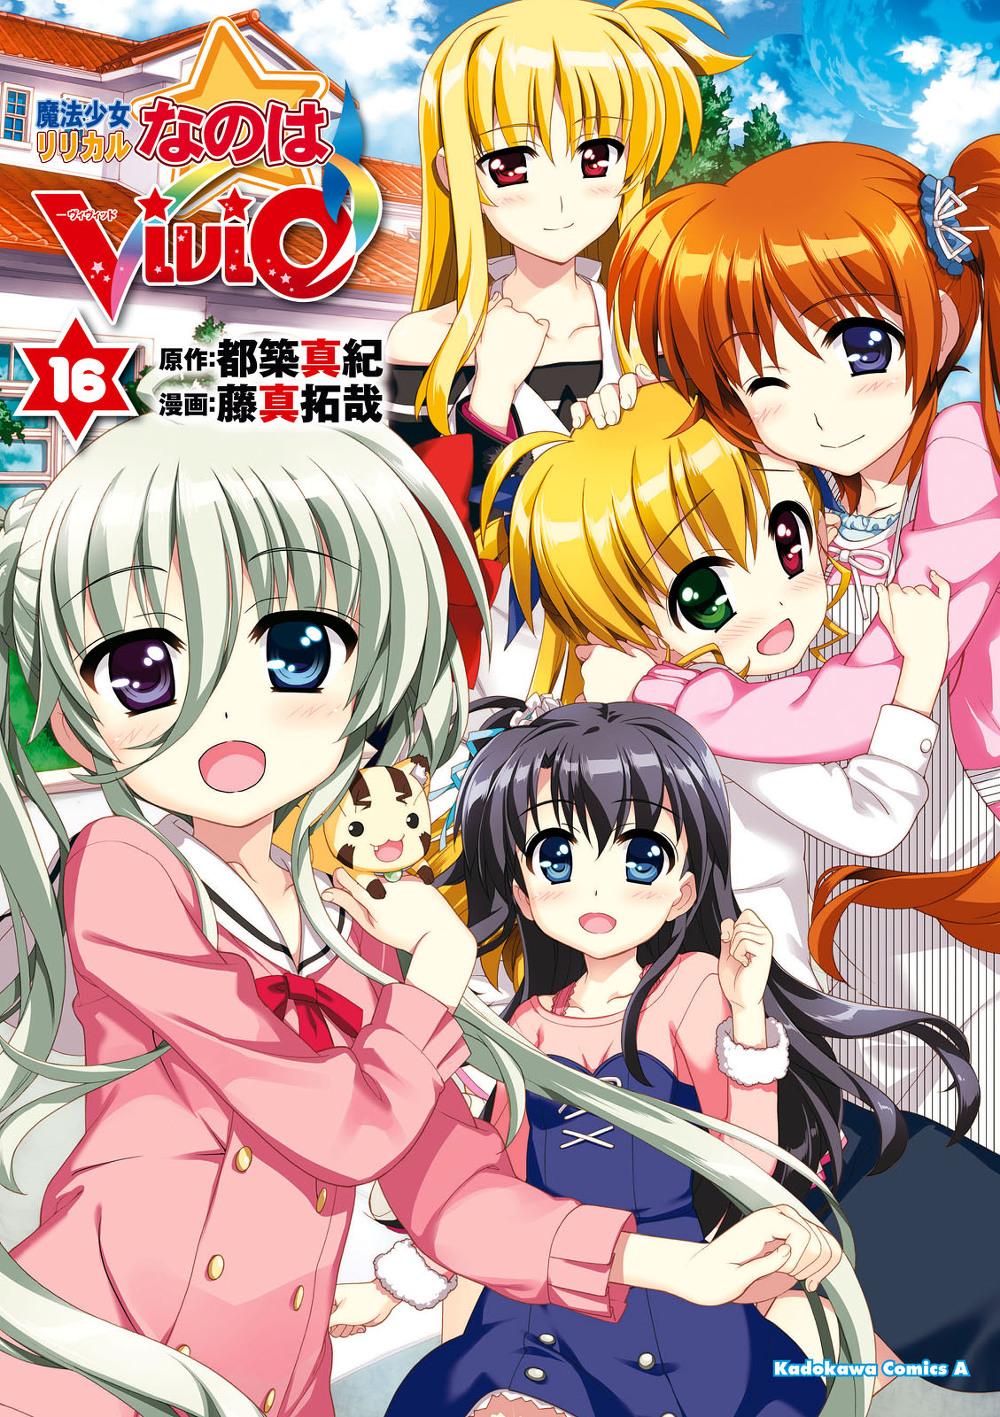 마법소녀 리리컬 나노하 ViVid 第16巻 (魔法少女リリカルなのはVivid 第16巻